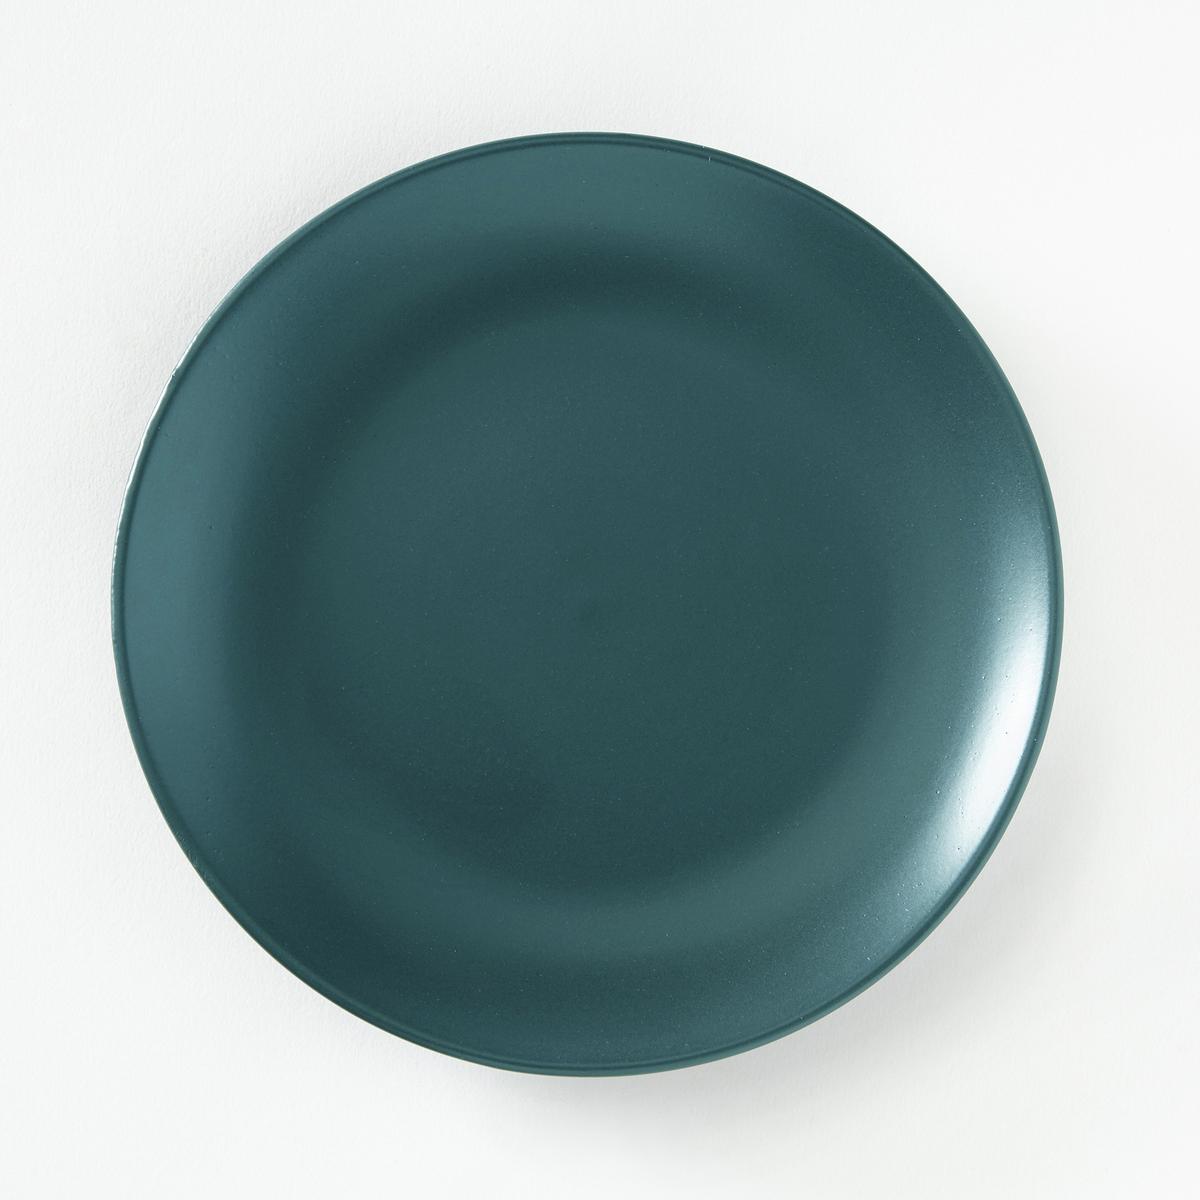 4 тарелки десертные из матовой керамики, AbessiХарактеристики 4 десертных тарелок из матовой керамики Abessi :- Из керамики с матовой отделкой  .- Диаметр 20 см  .- Можно использовать в посудомоечных машинах и микроволновых печах.Плоские и глубокие тарелки Abessi продаются на нашем сайте .<br><br>Цвет: антрацит,зеленый,сине-зеленый